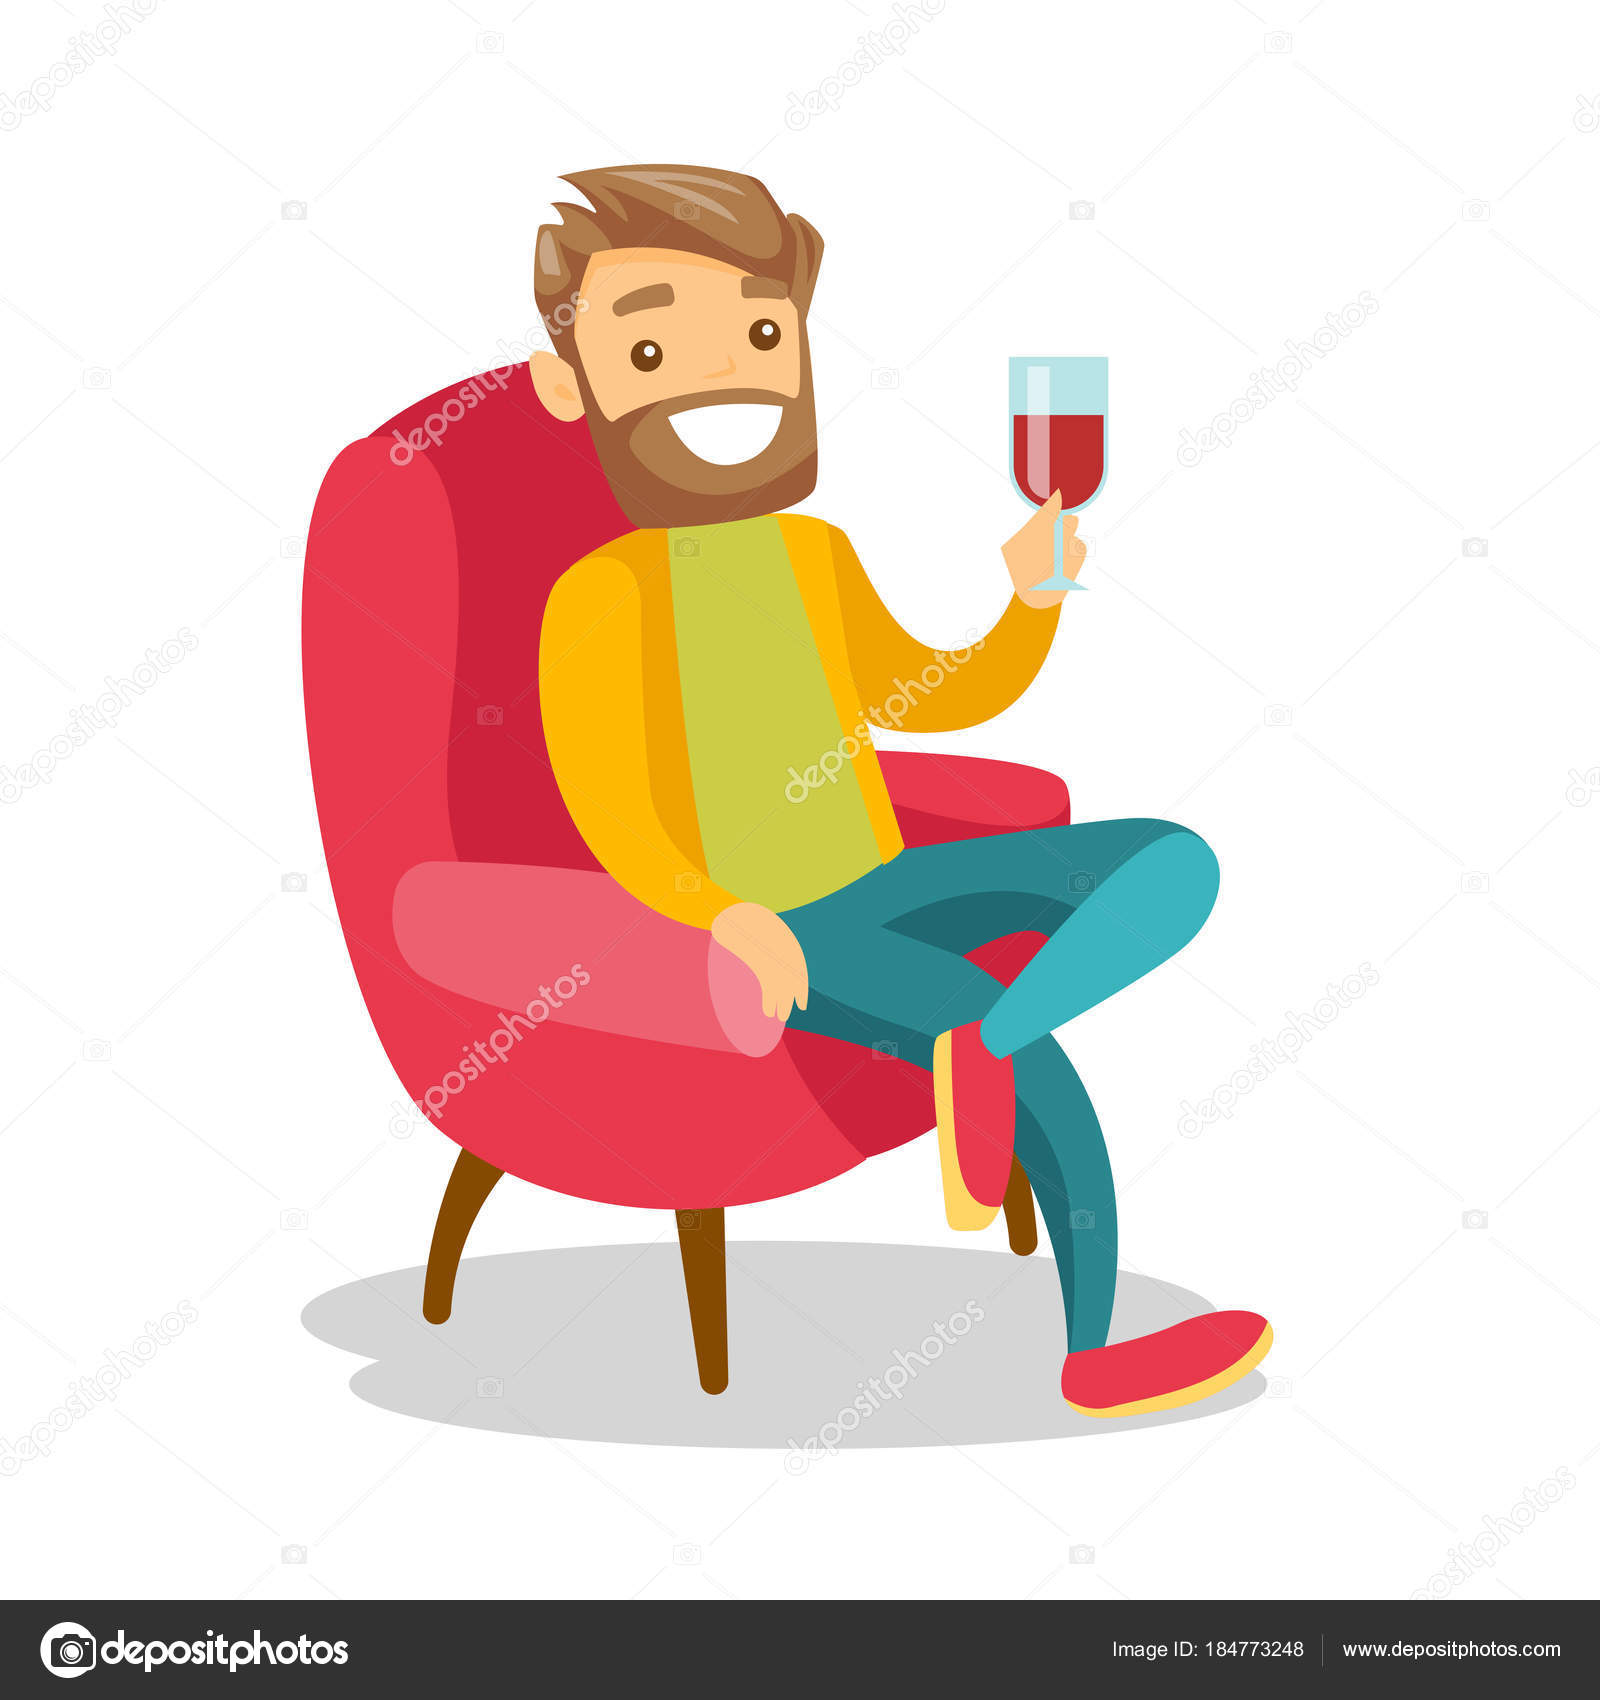 Kaukasische Weißer Wein Zu Trinken Auf Dem Stuhl Stockvektor